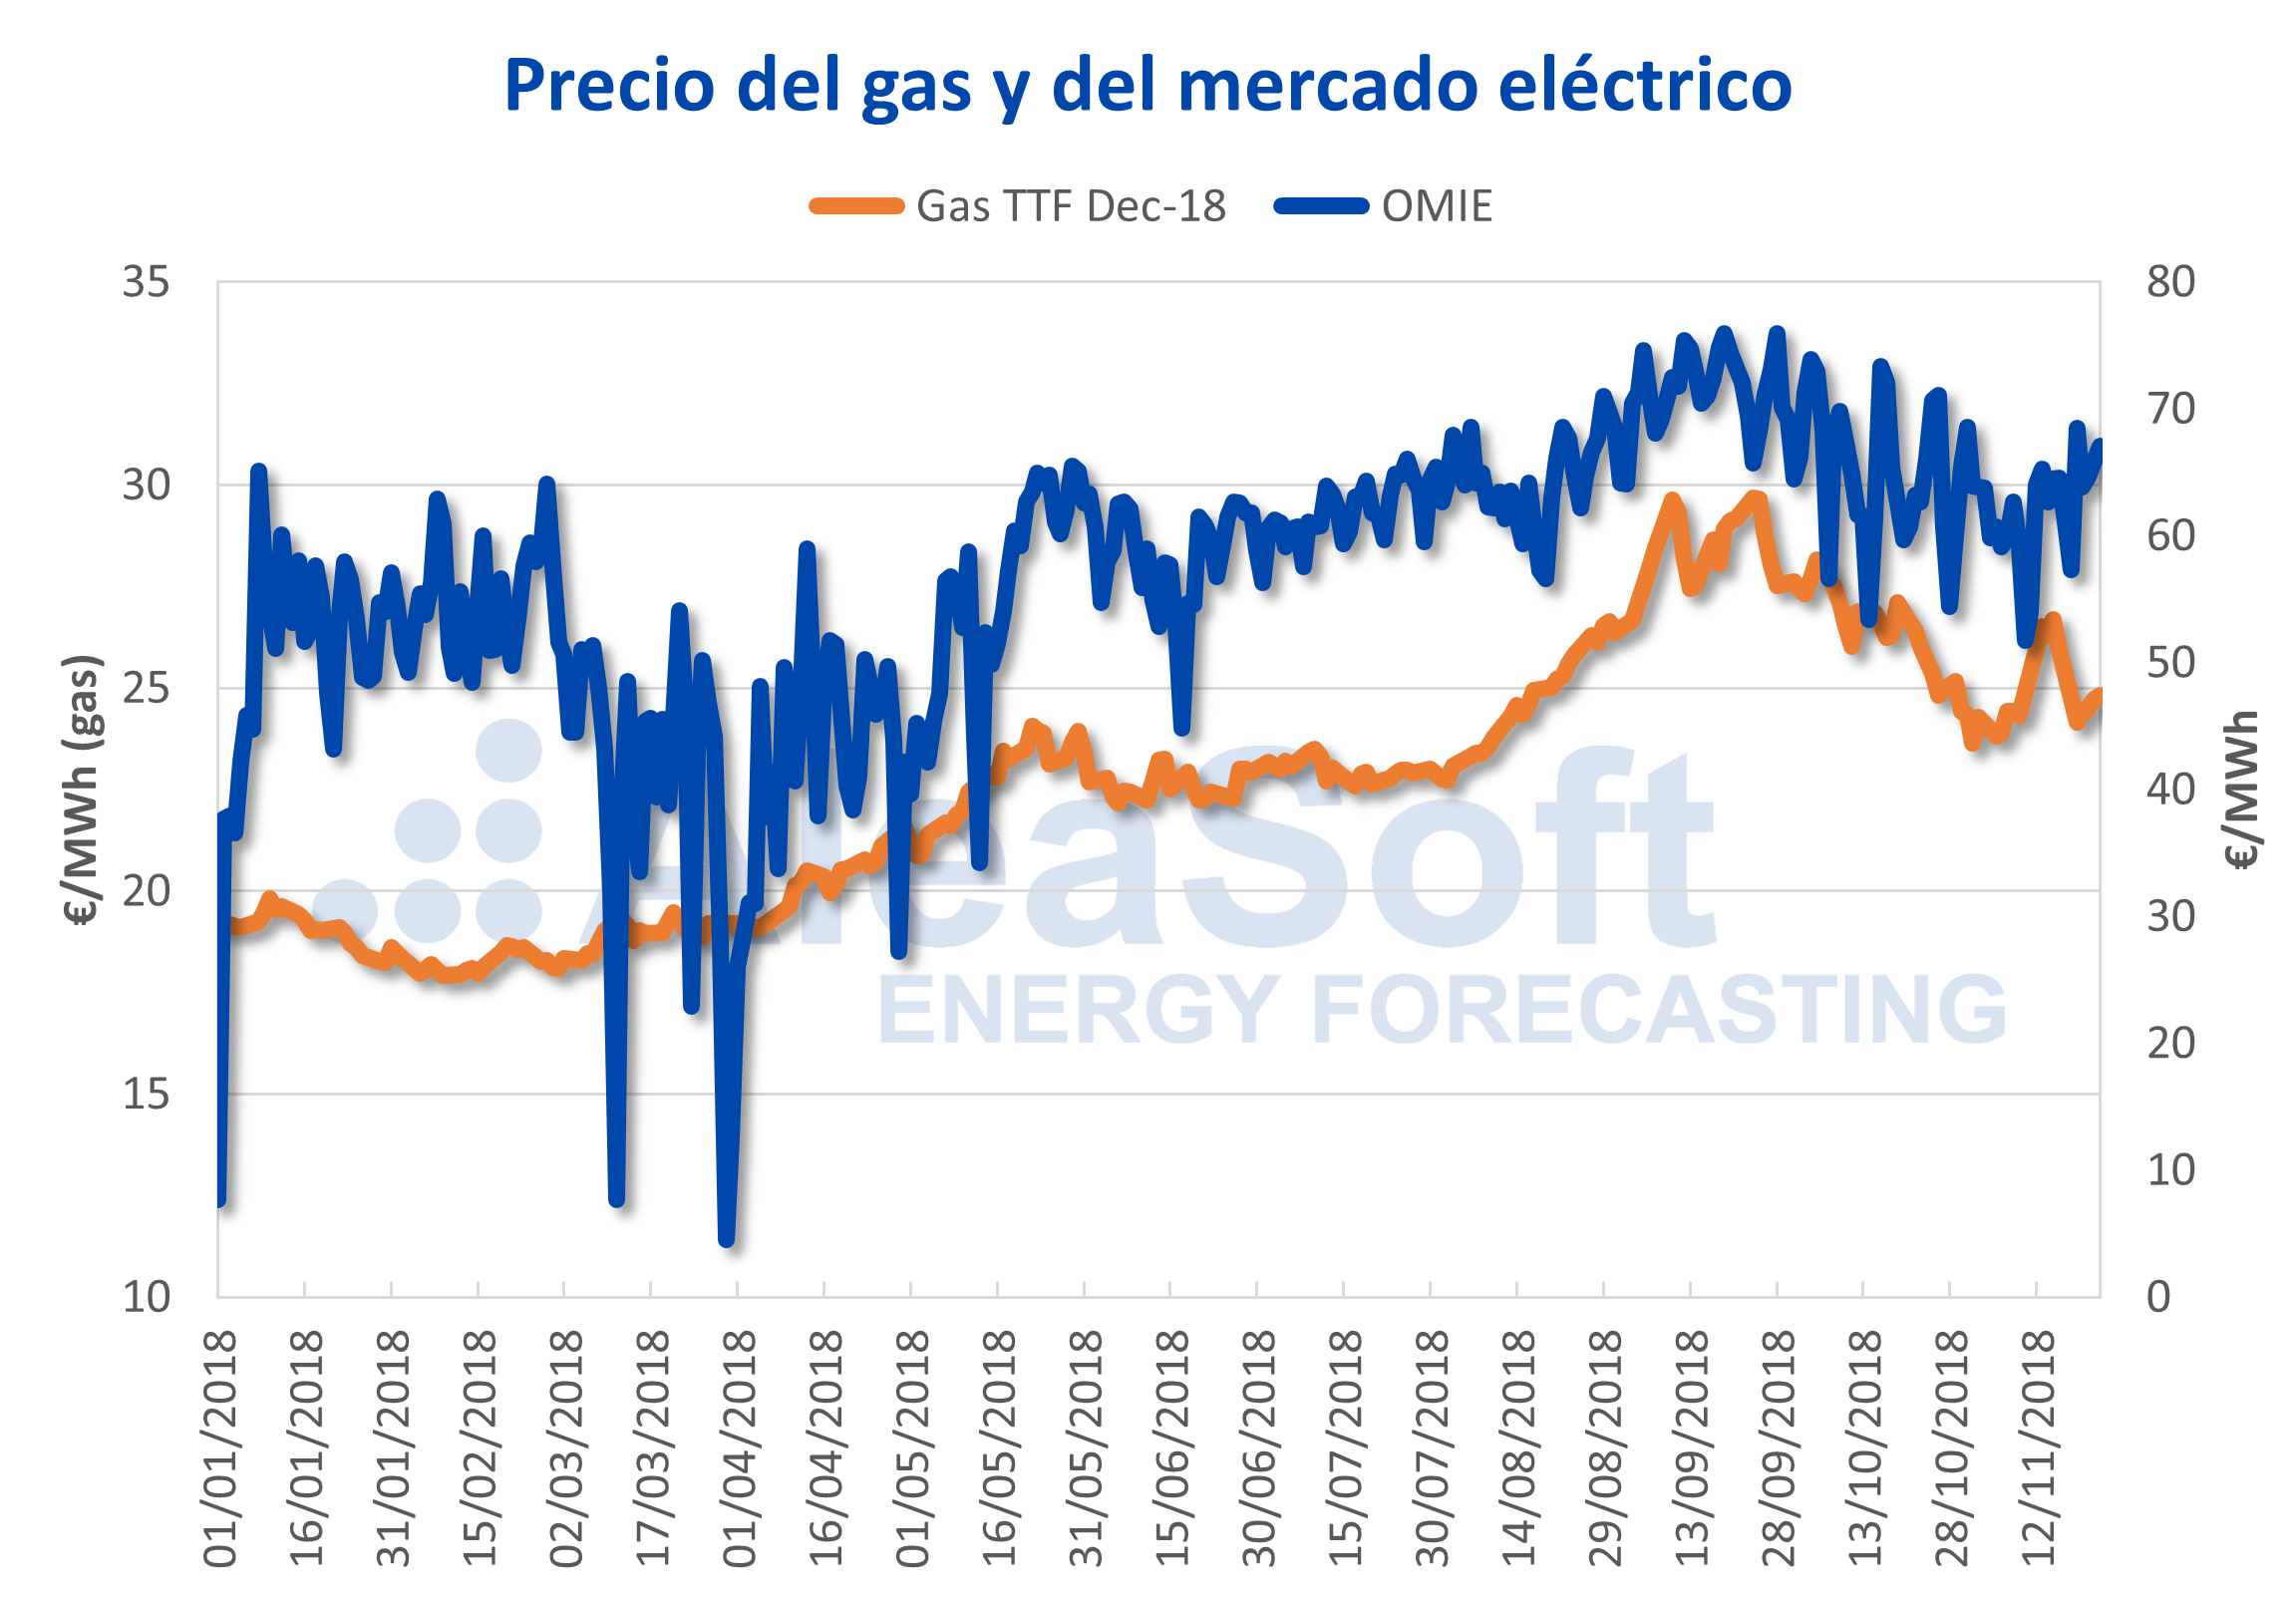 AleaSoft - Precio del gas y del mercado eléctrico